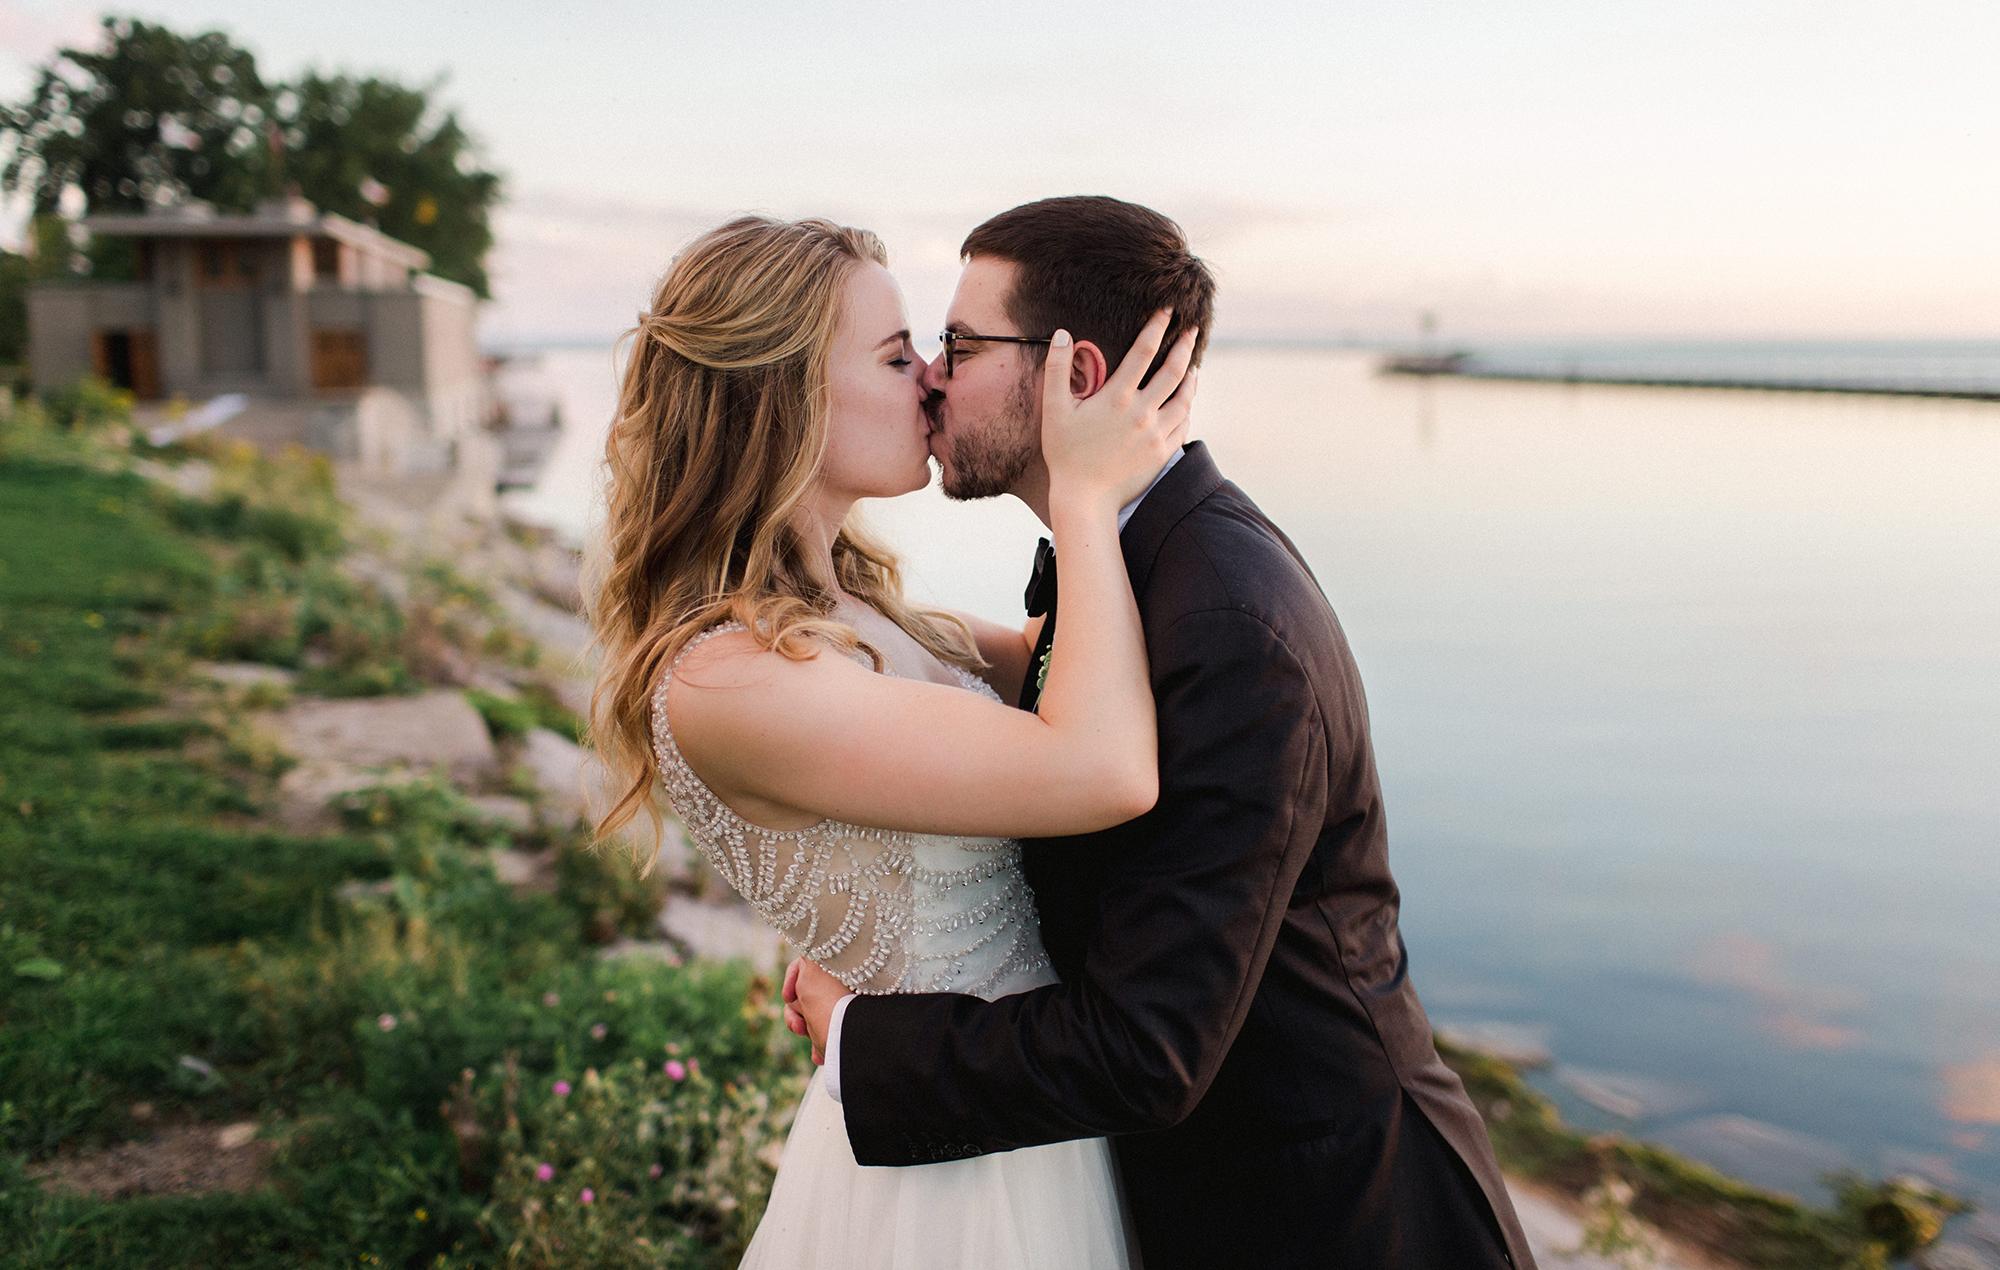 WNY Wedding | On the West Side waterfront | Buffalo Magazine